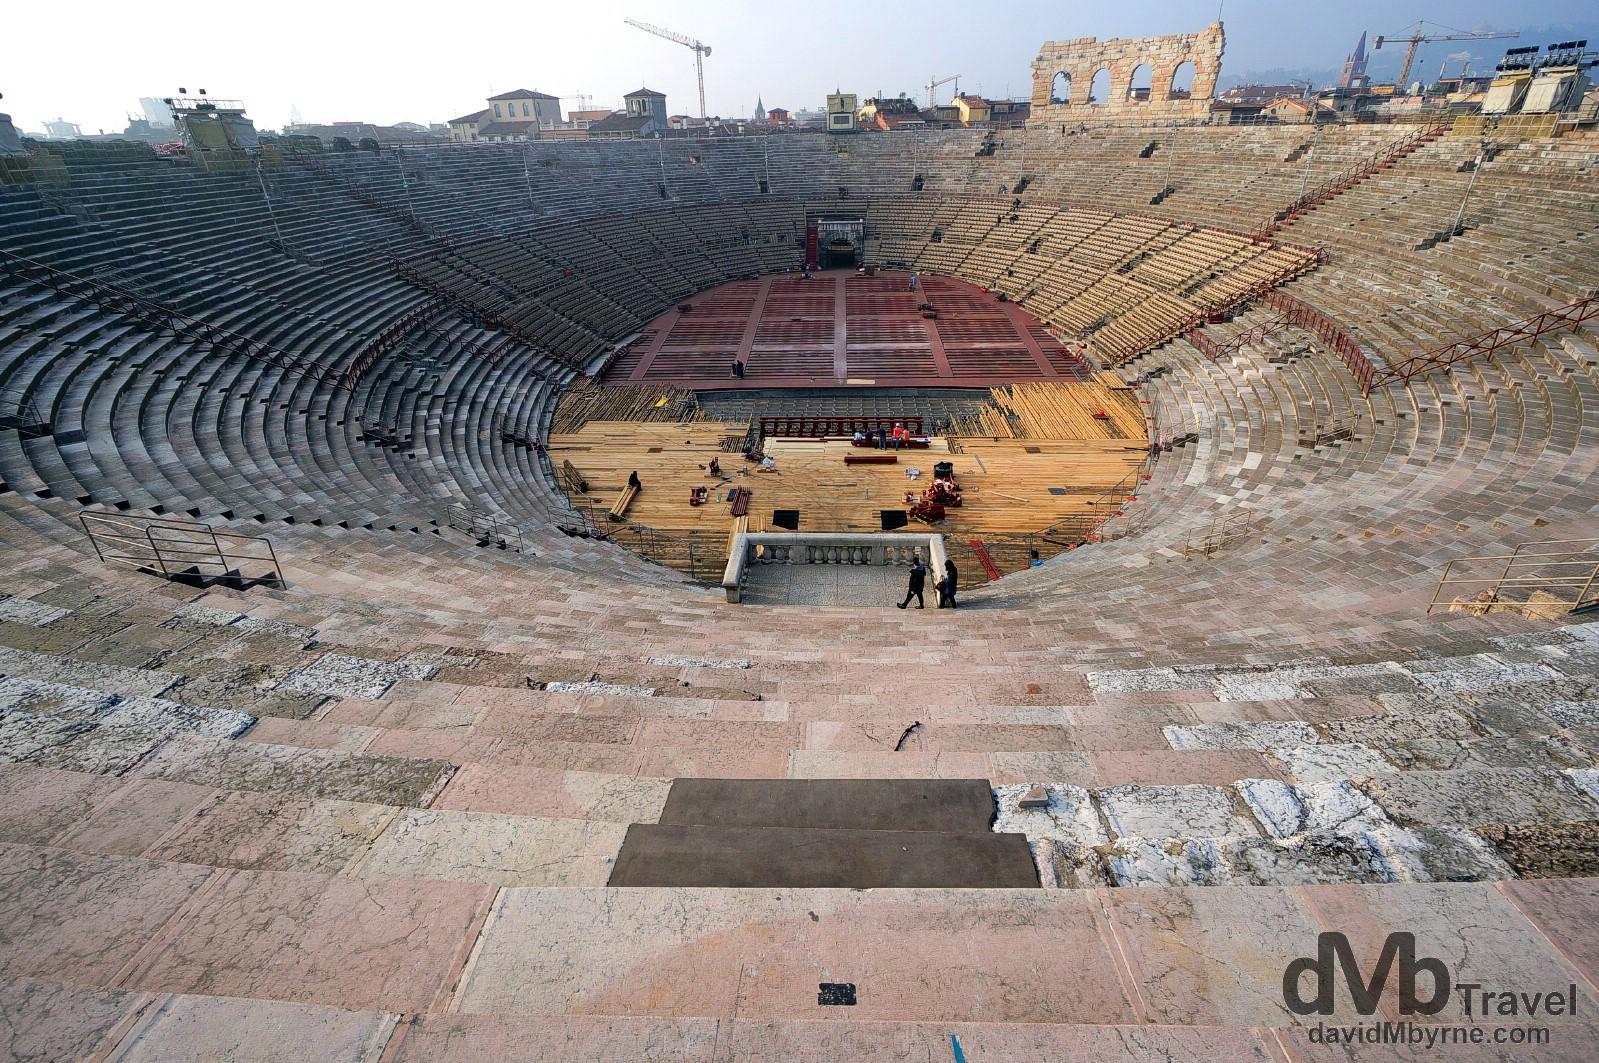 Arena di Verona in Verona, Italy. March 17, 2014.